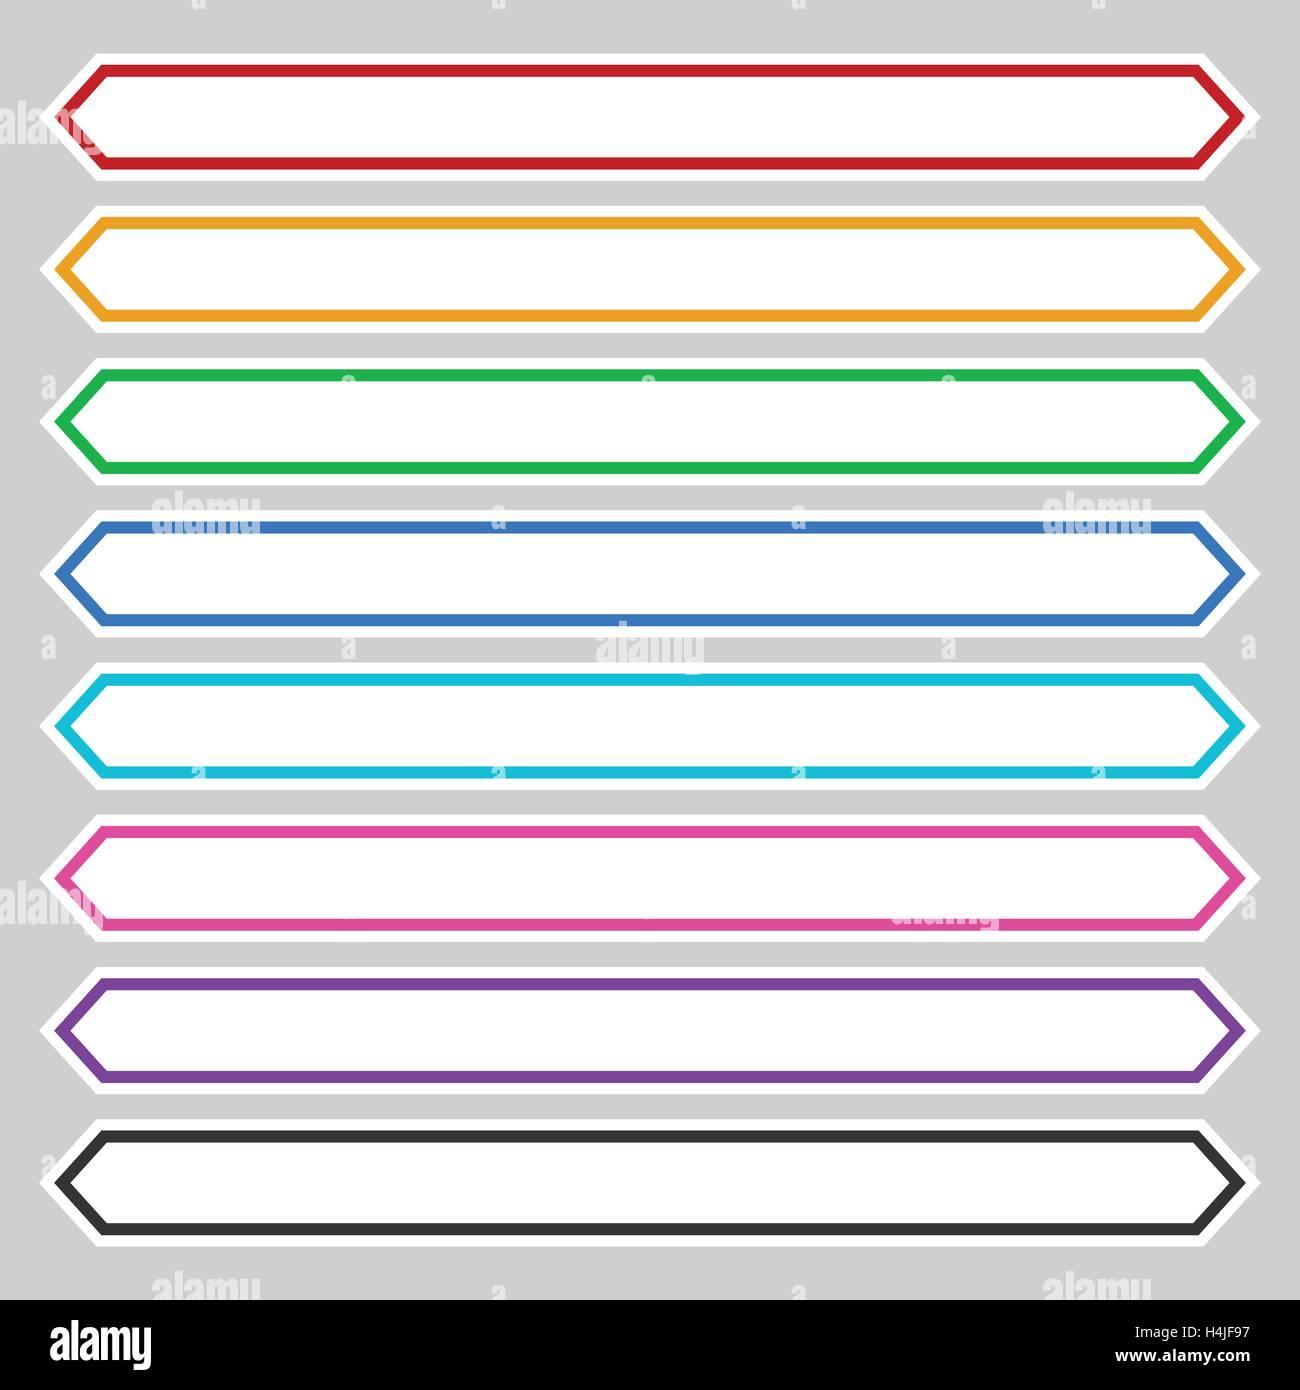 Beste Tastatur Etikettenvorlage Ideen - Beispiel Anschreiben für ...